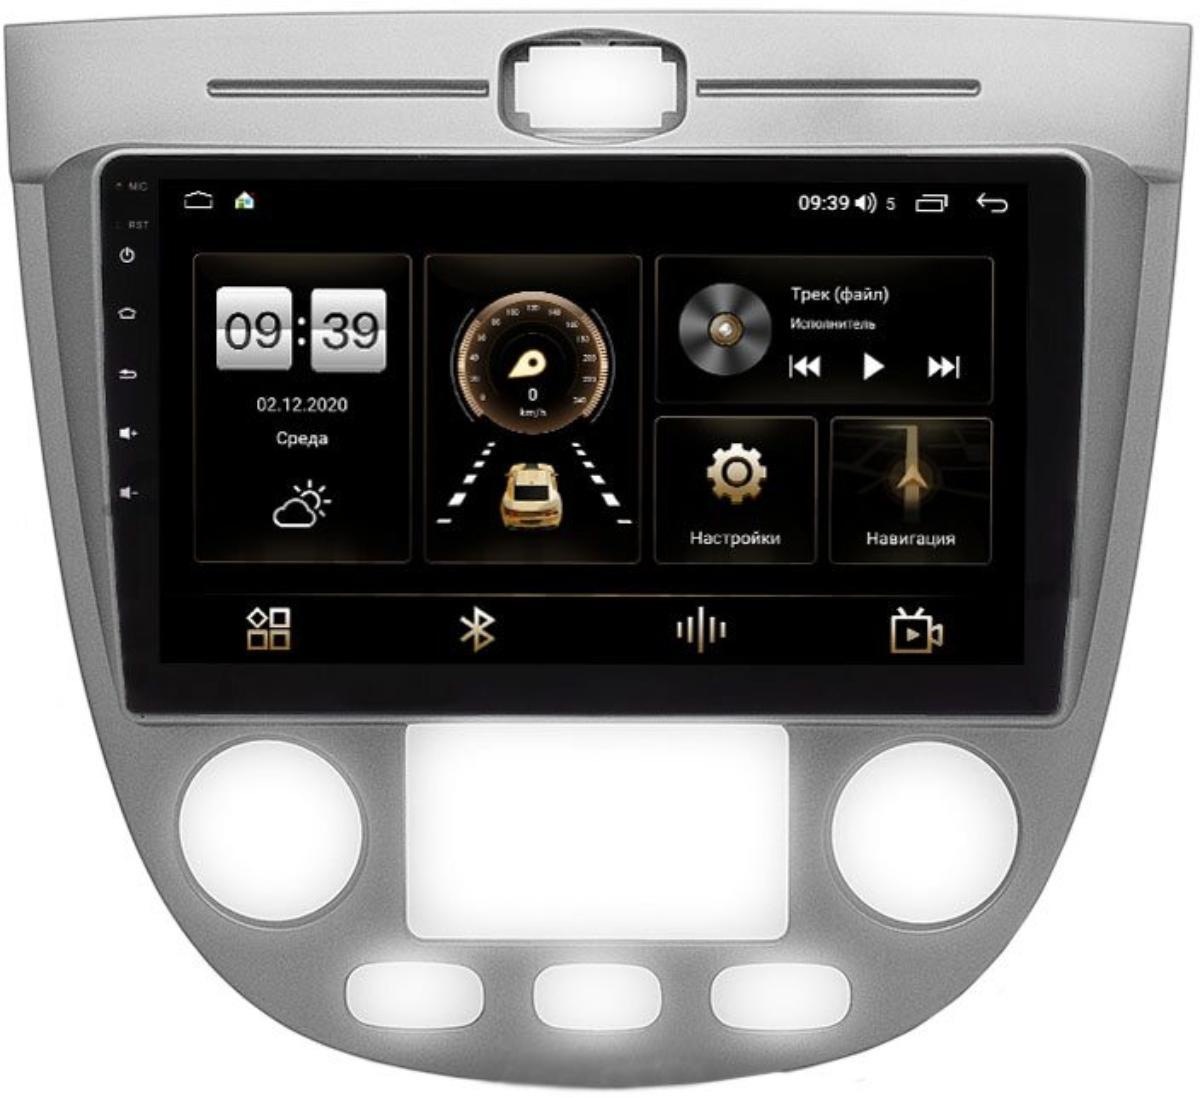 Штатная магнитола LeTrun 4166-9-279 для Chevrolet Lacetti 2004-2013 (Тип 4) Универсал / Хэтчбек с климатом на Android 10 (4G-SIM, 3/32, DSP, QLed) (+ Камера заднего вида в подарок!)